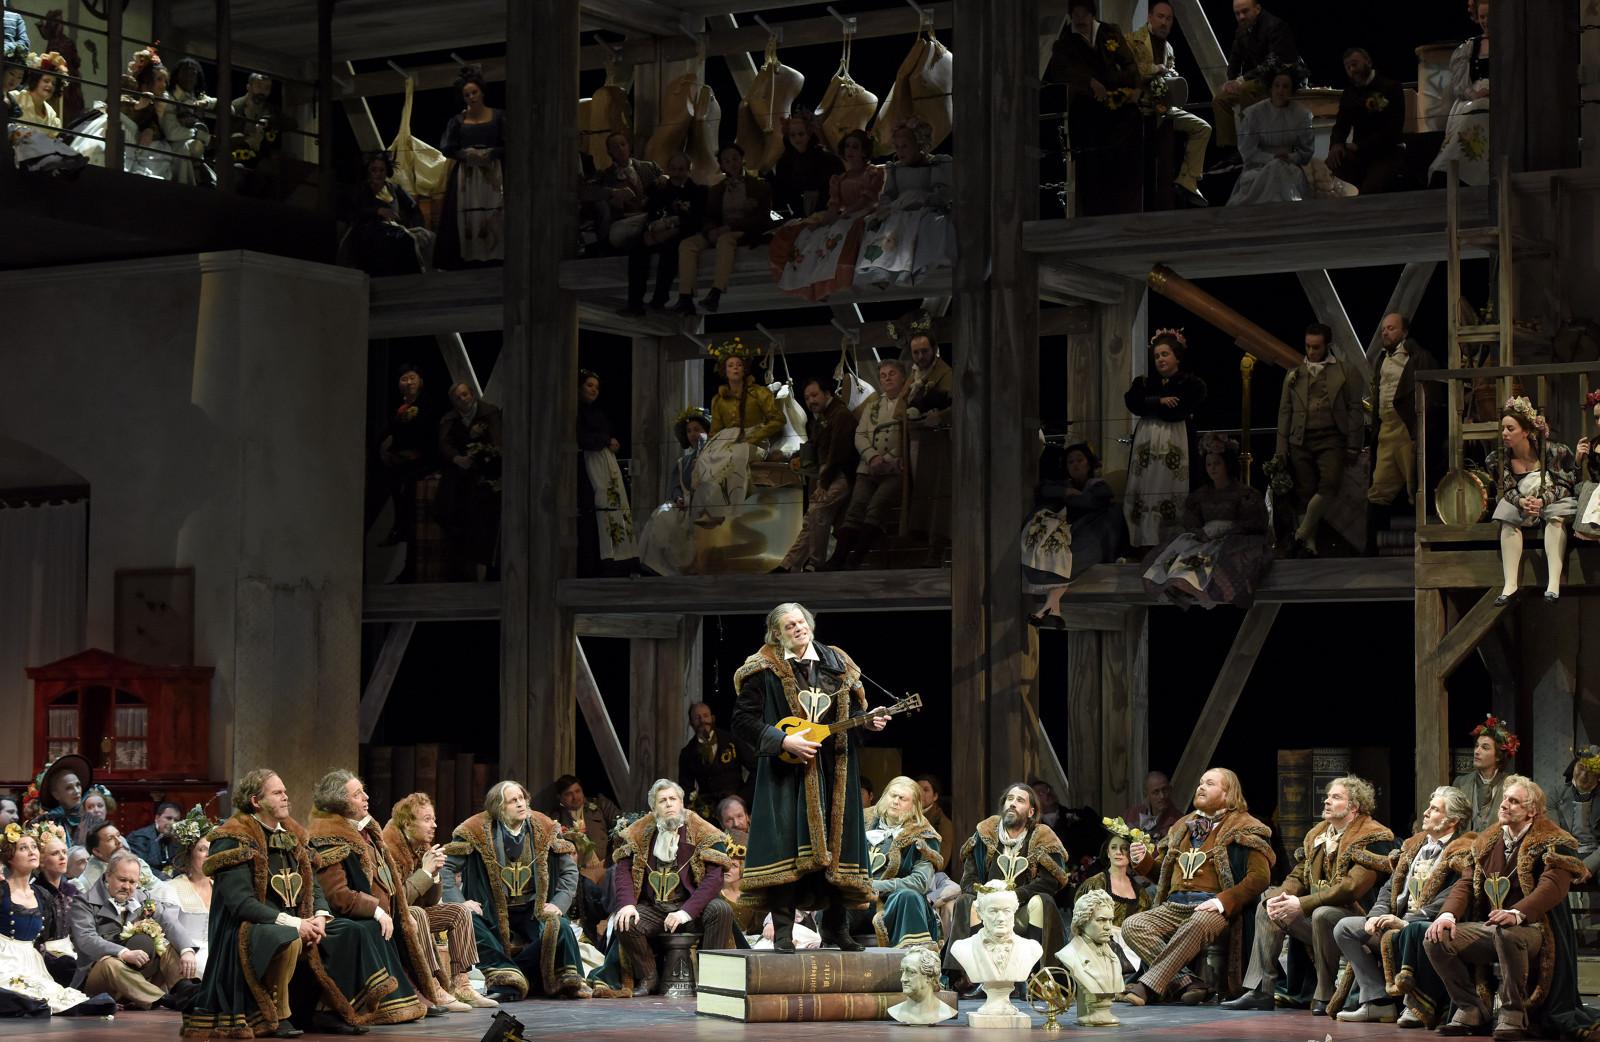 A Nuremberg au XVIème siècle, la confrérie des chanteurs est organisée en maîtres et en apprentis, et impose des règles strictes pour participer au concours de chant.